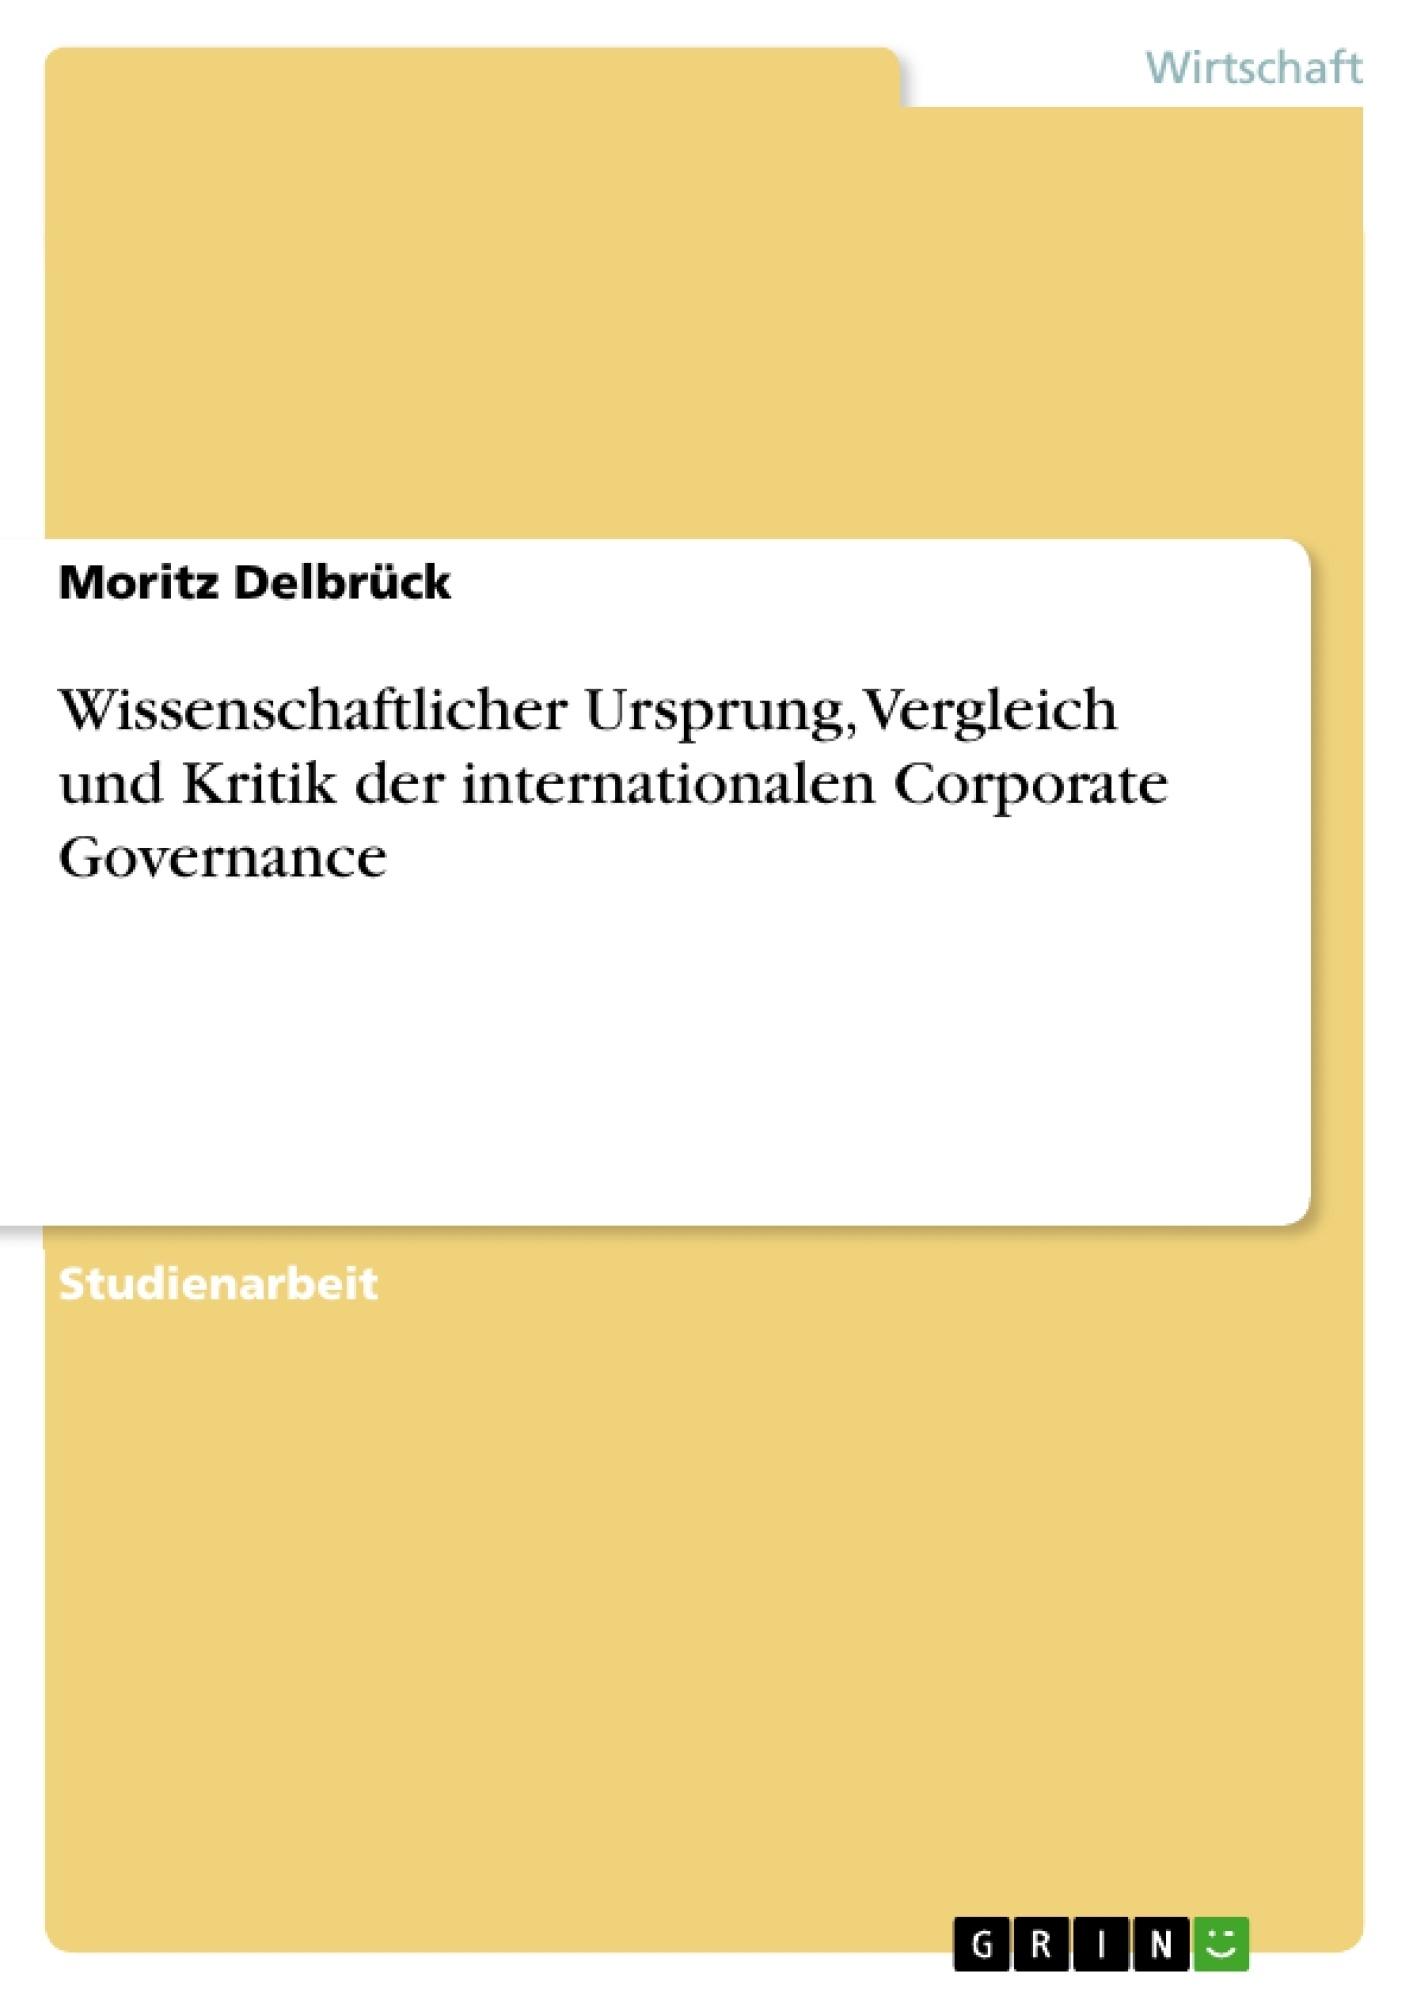 Titel: Wissenschaftlicher Ursprung, Vergleich und Kritik der internationalen Corporate Governance